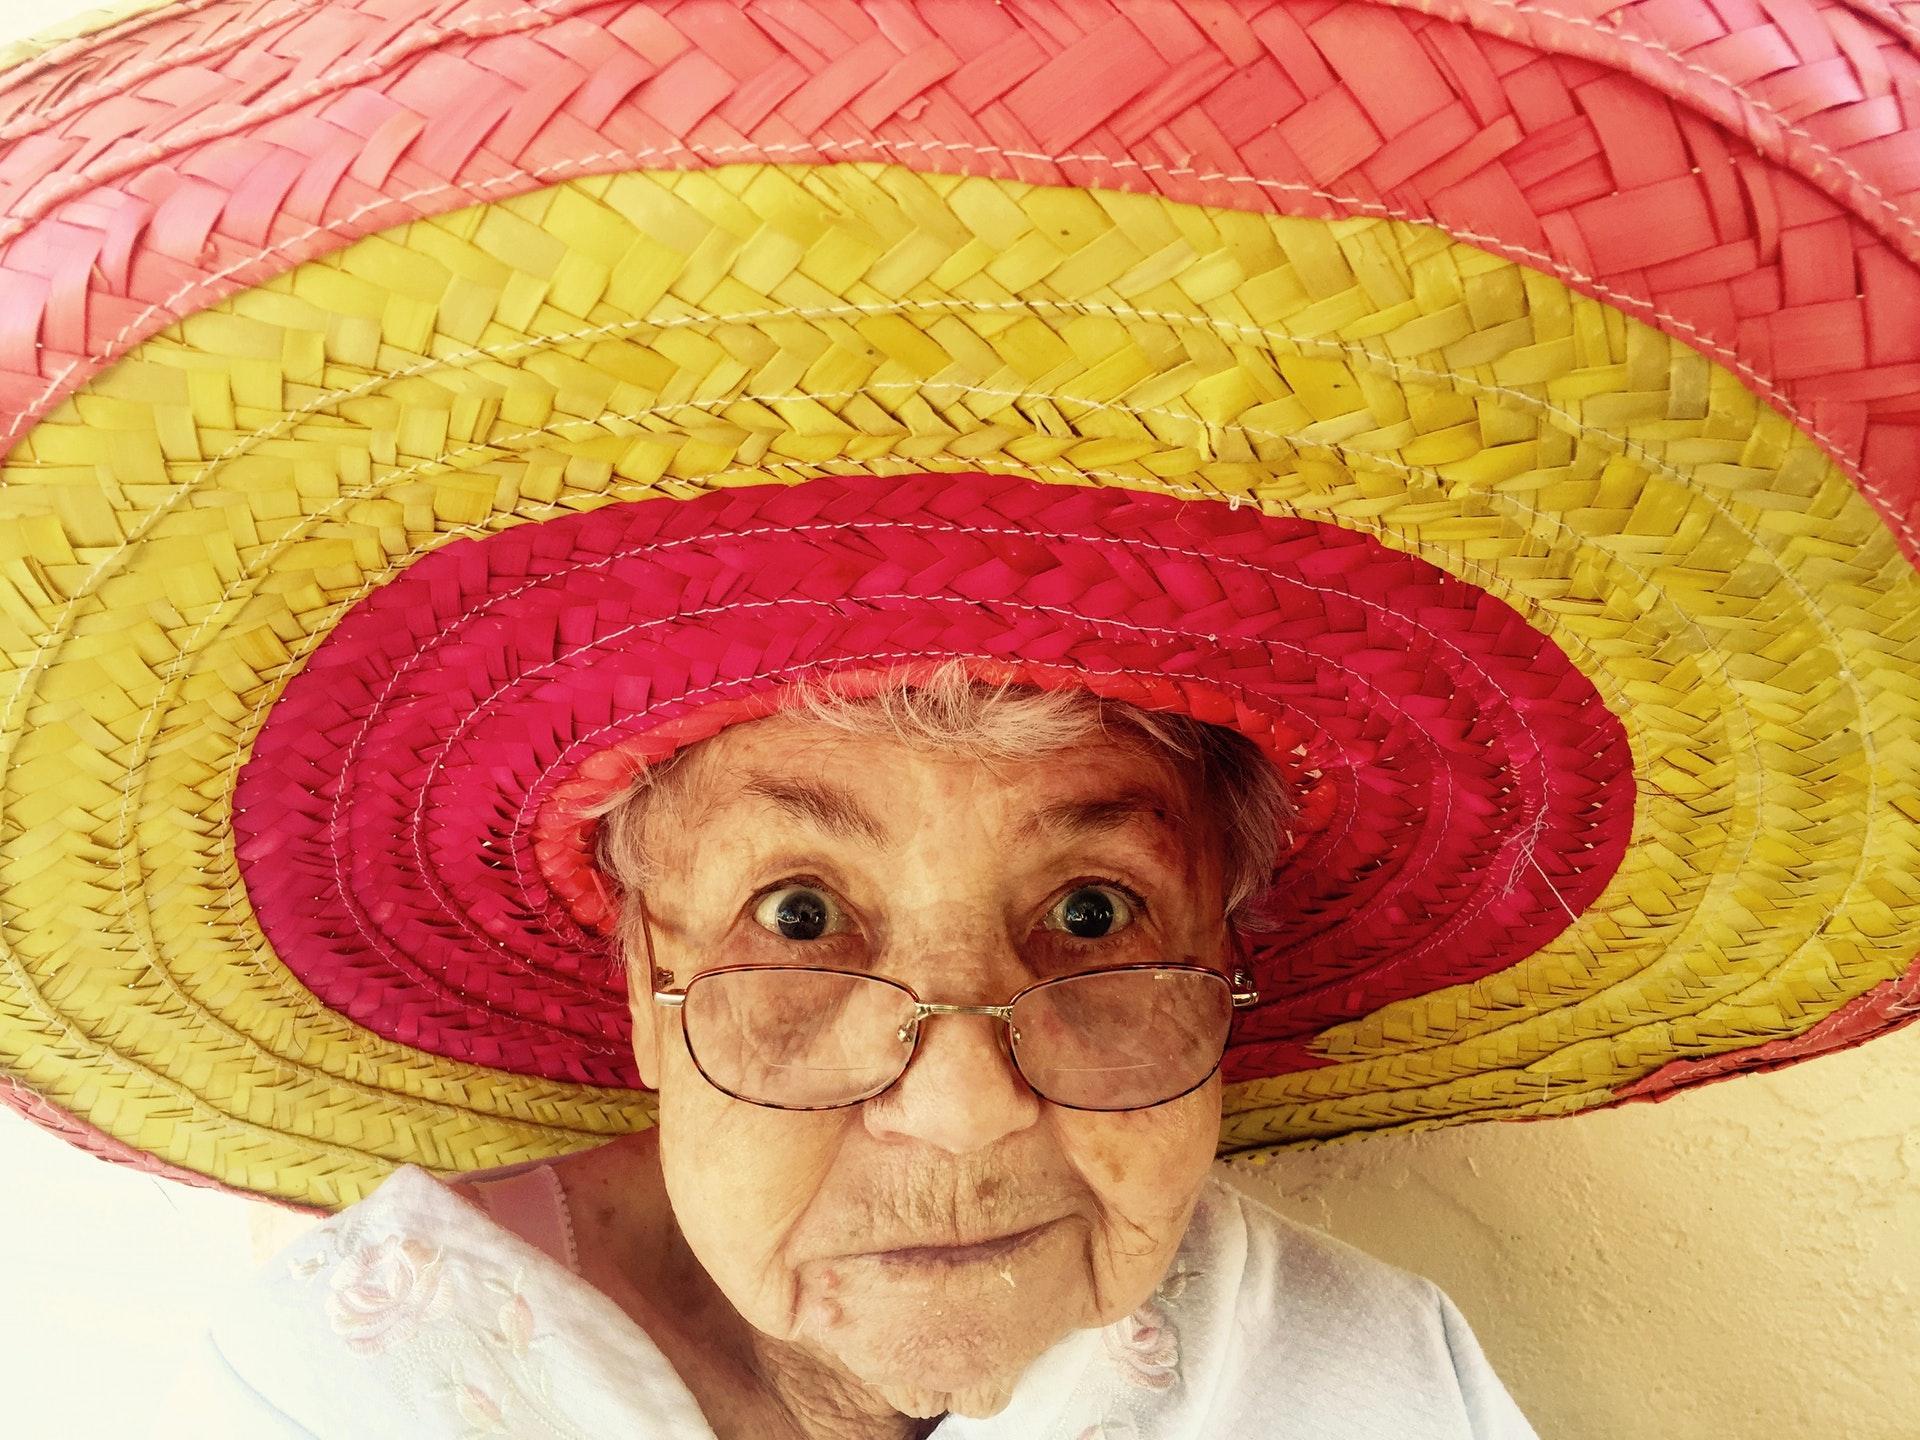 Seniorpreneure Zum Gründen ist man nie zu alt | Companisto Blog